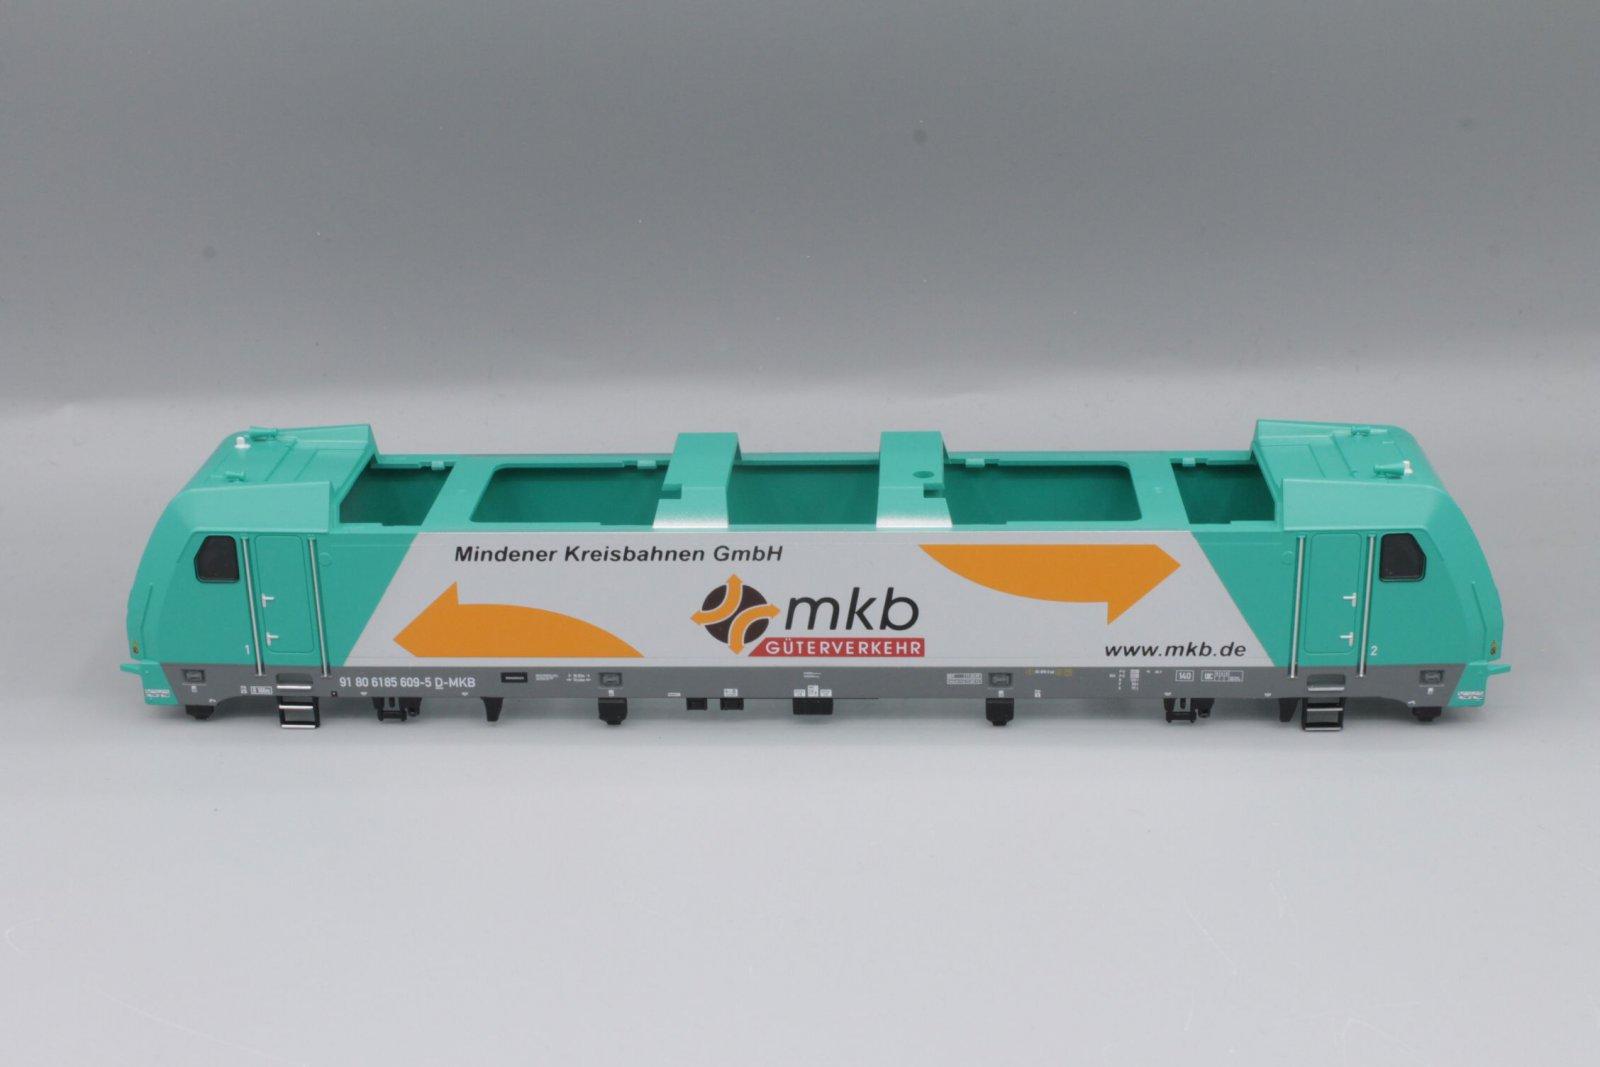 Ersatzteil Piko 185 609-5 Gehäuse mkb grün/silber mit Fenstern, Führerständen